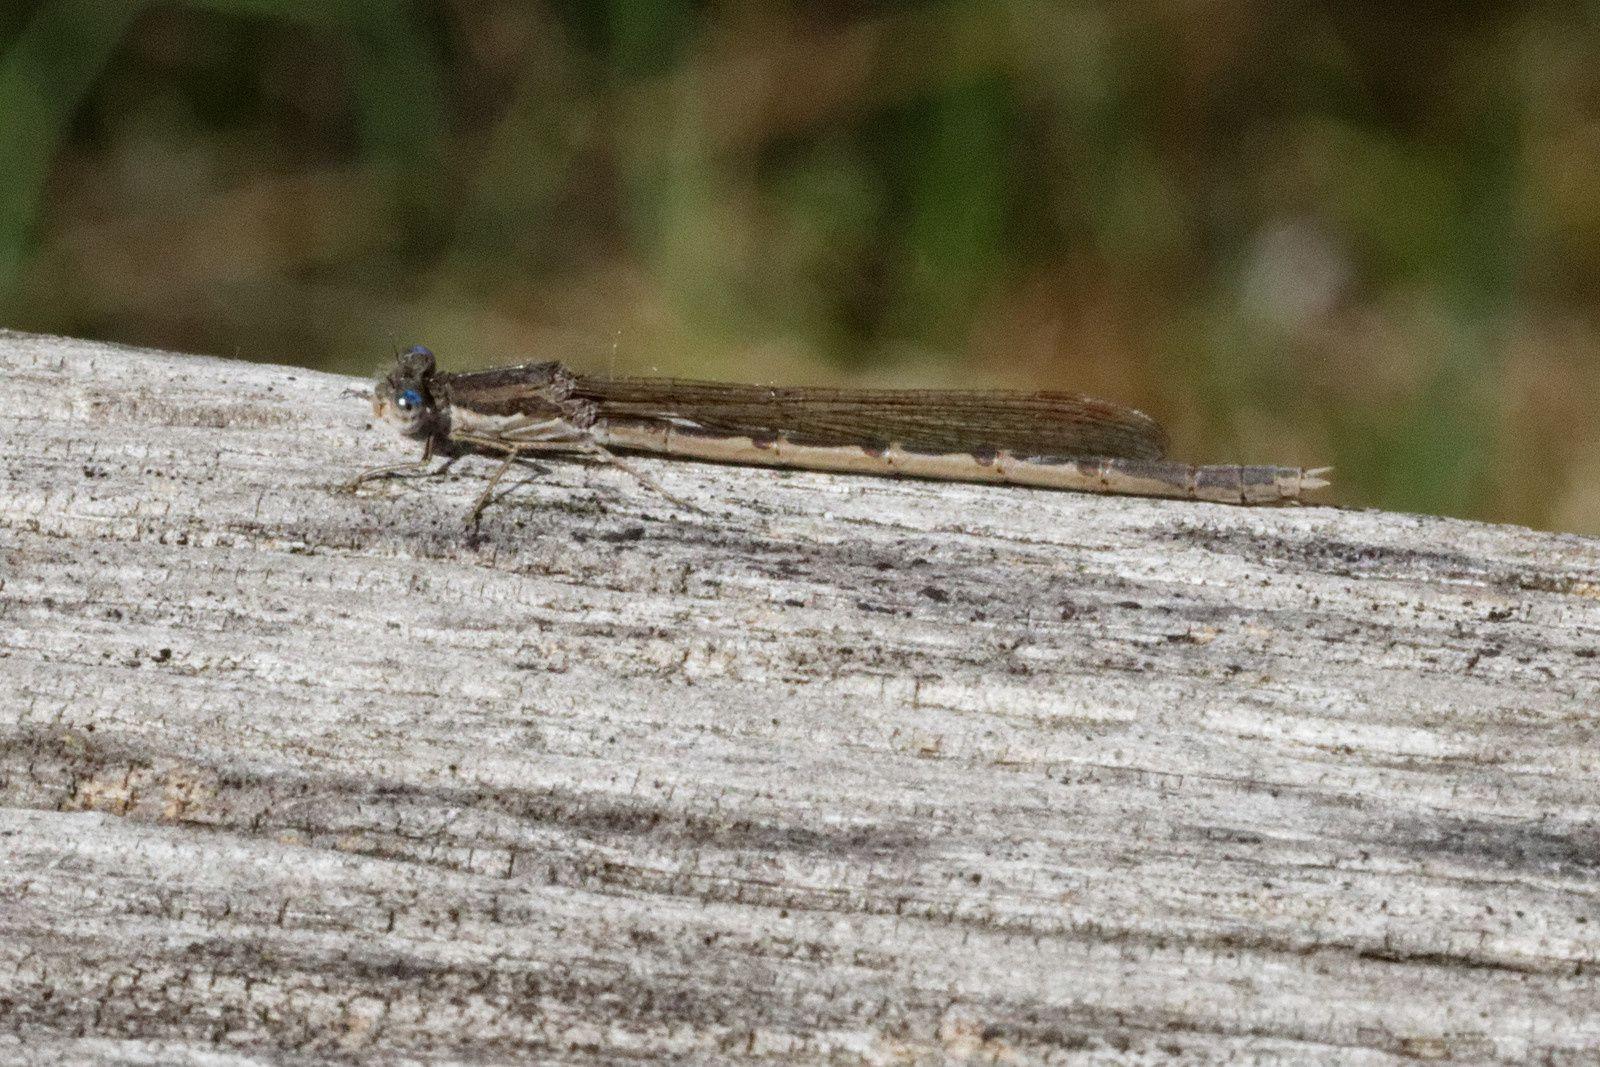 Un Leste brun (Sympecma fusca)